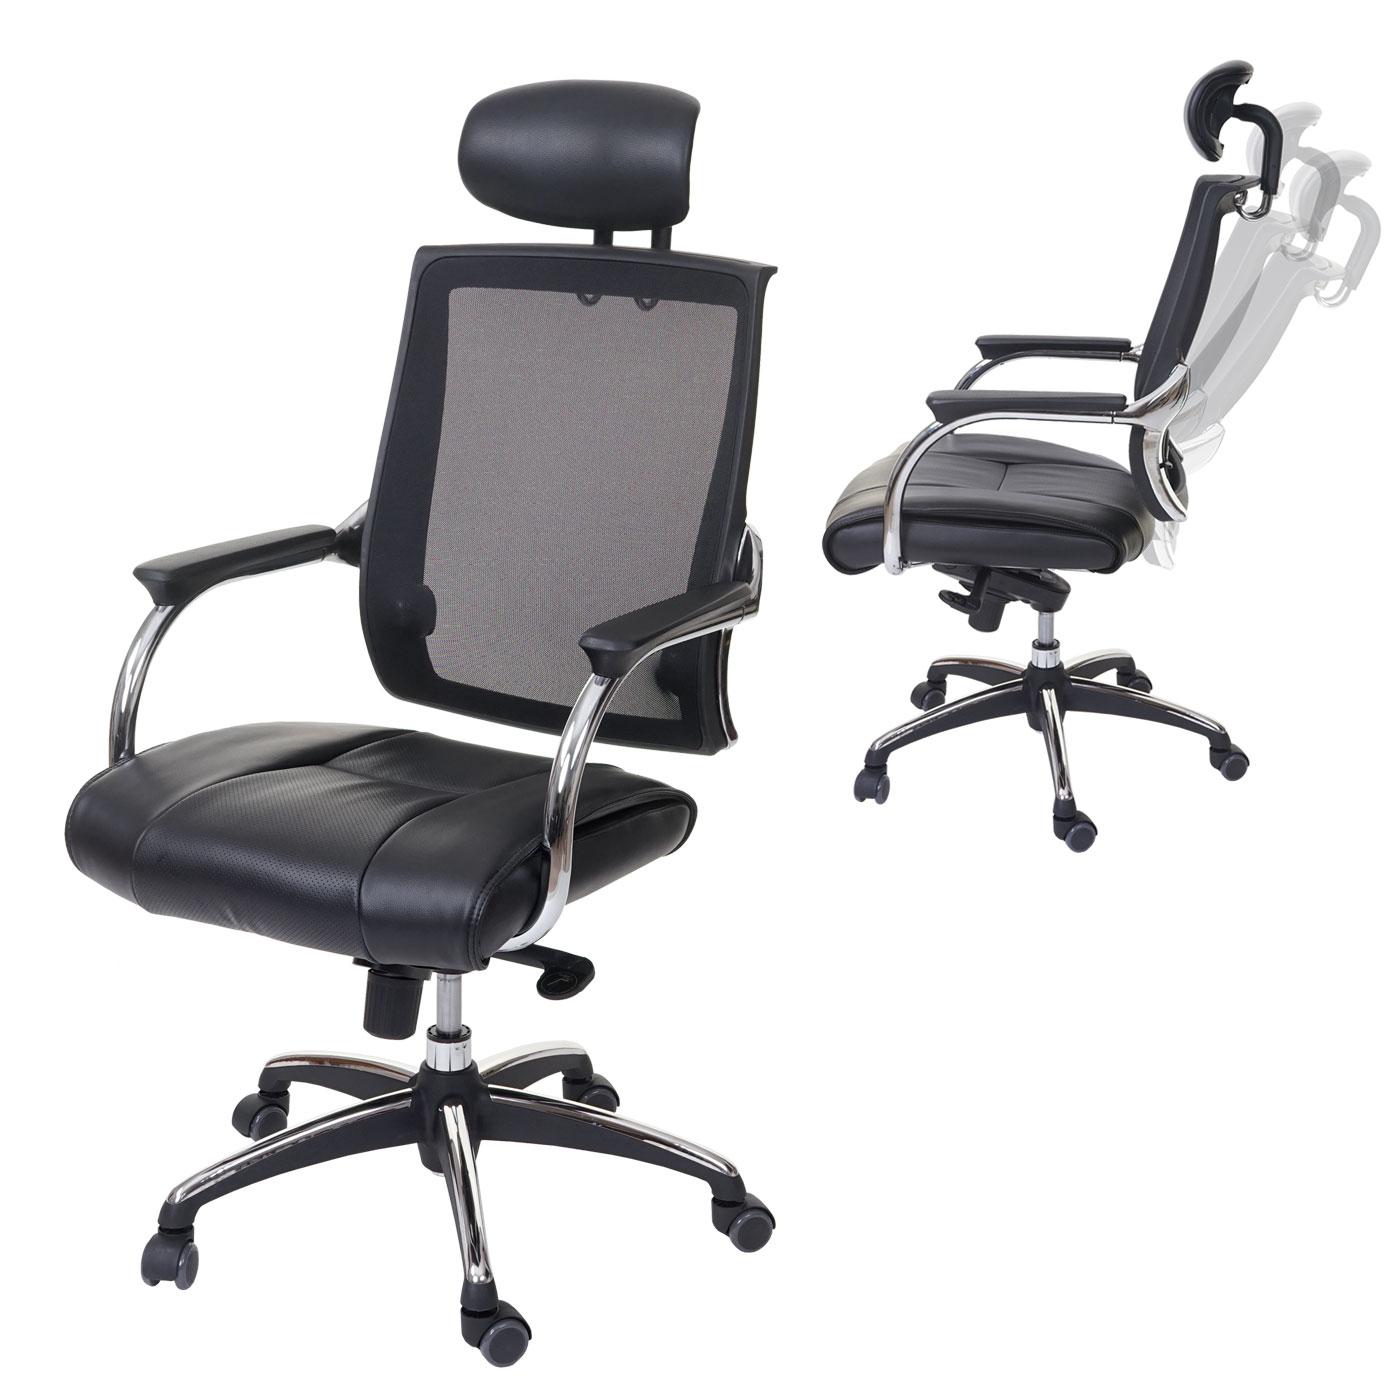 b rostuhl hwc a52 schreibtischstuhl ergonomisch kopfst tze kunstleder textil schwarz schwarz. Black Bedroom Furniture Sets. Home Design Ideas